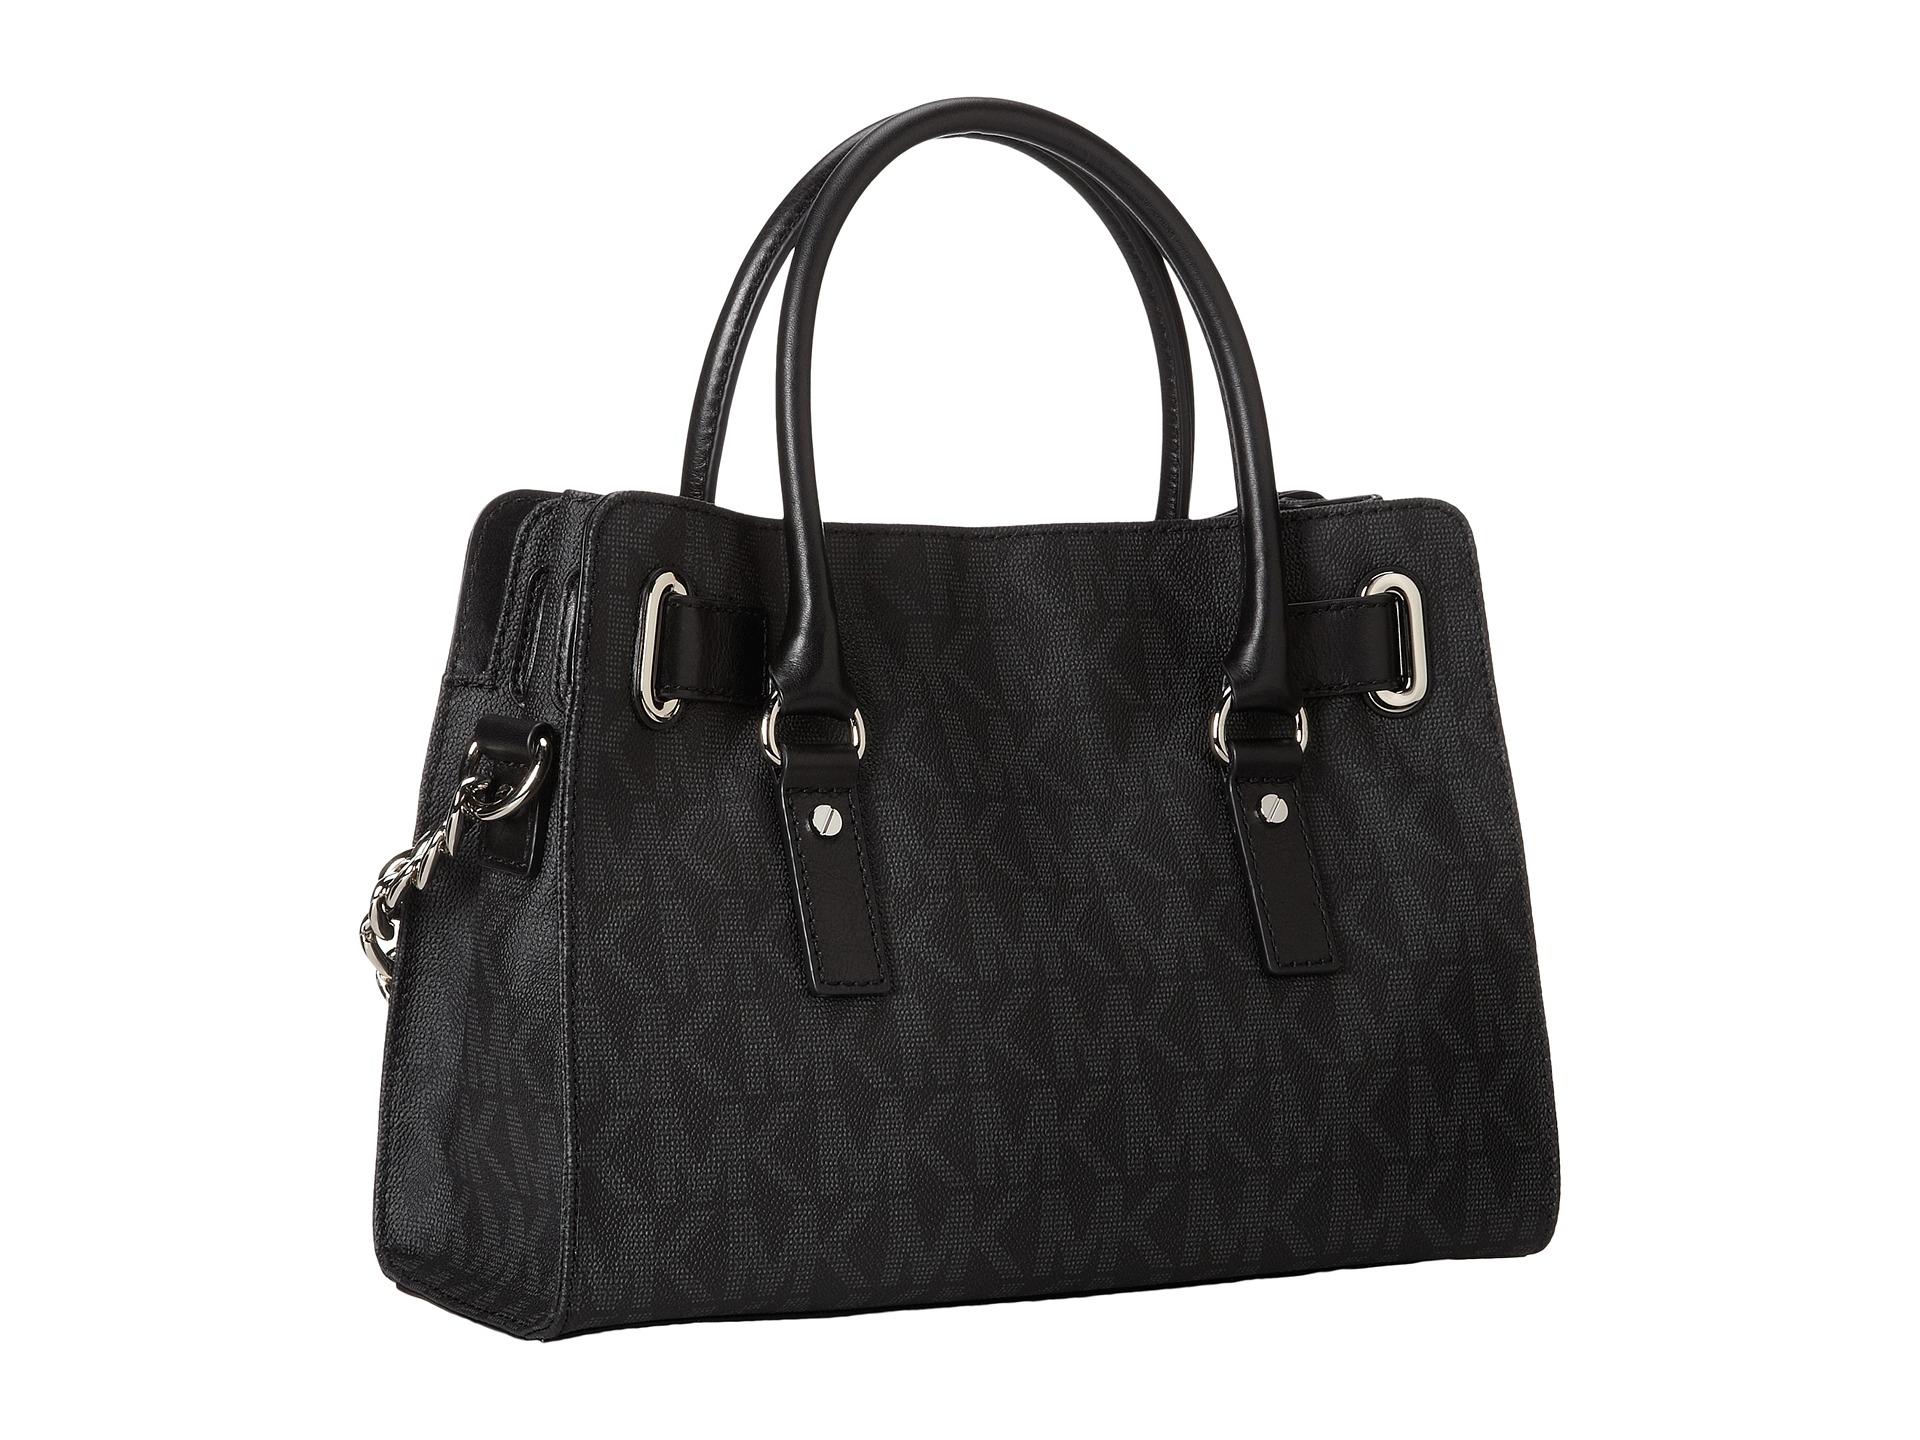 Versace Käsilaukku : Michael kors laukut k?silaukku mkk b